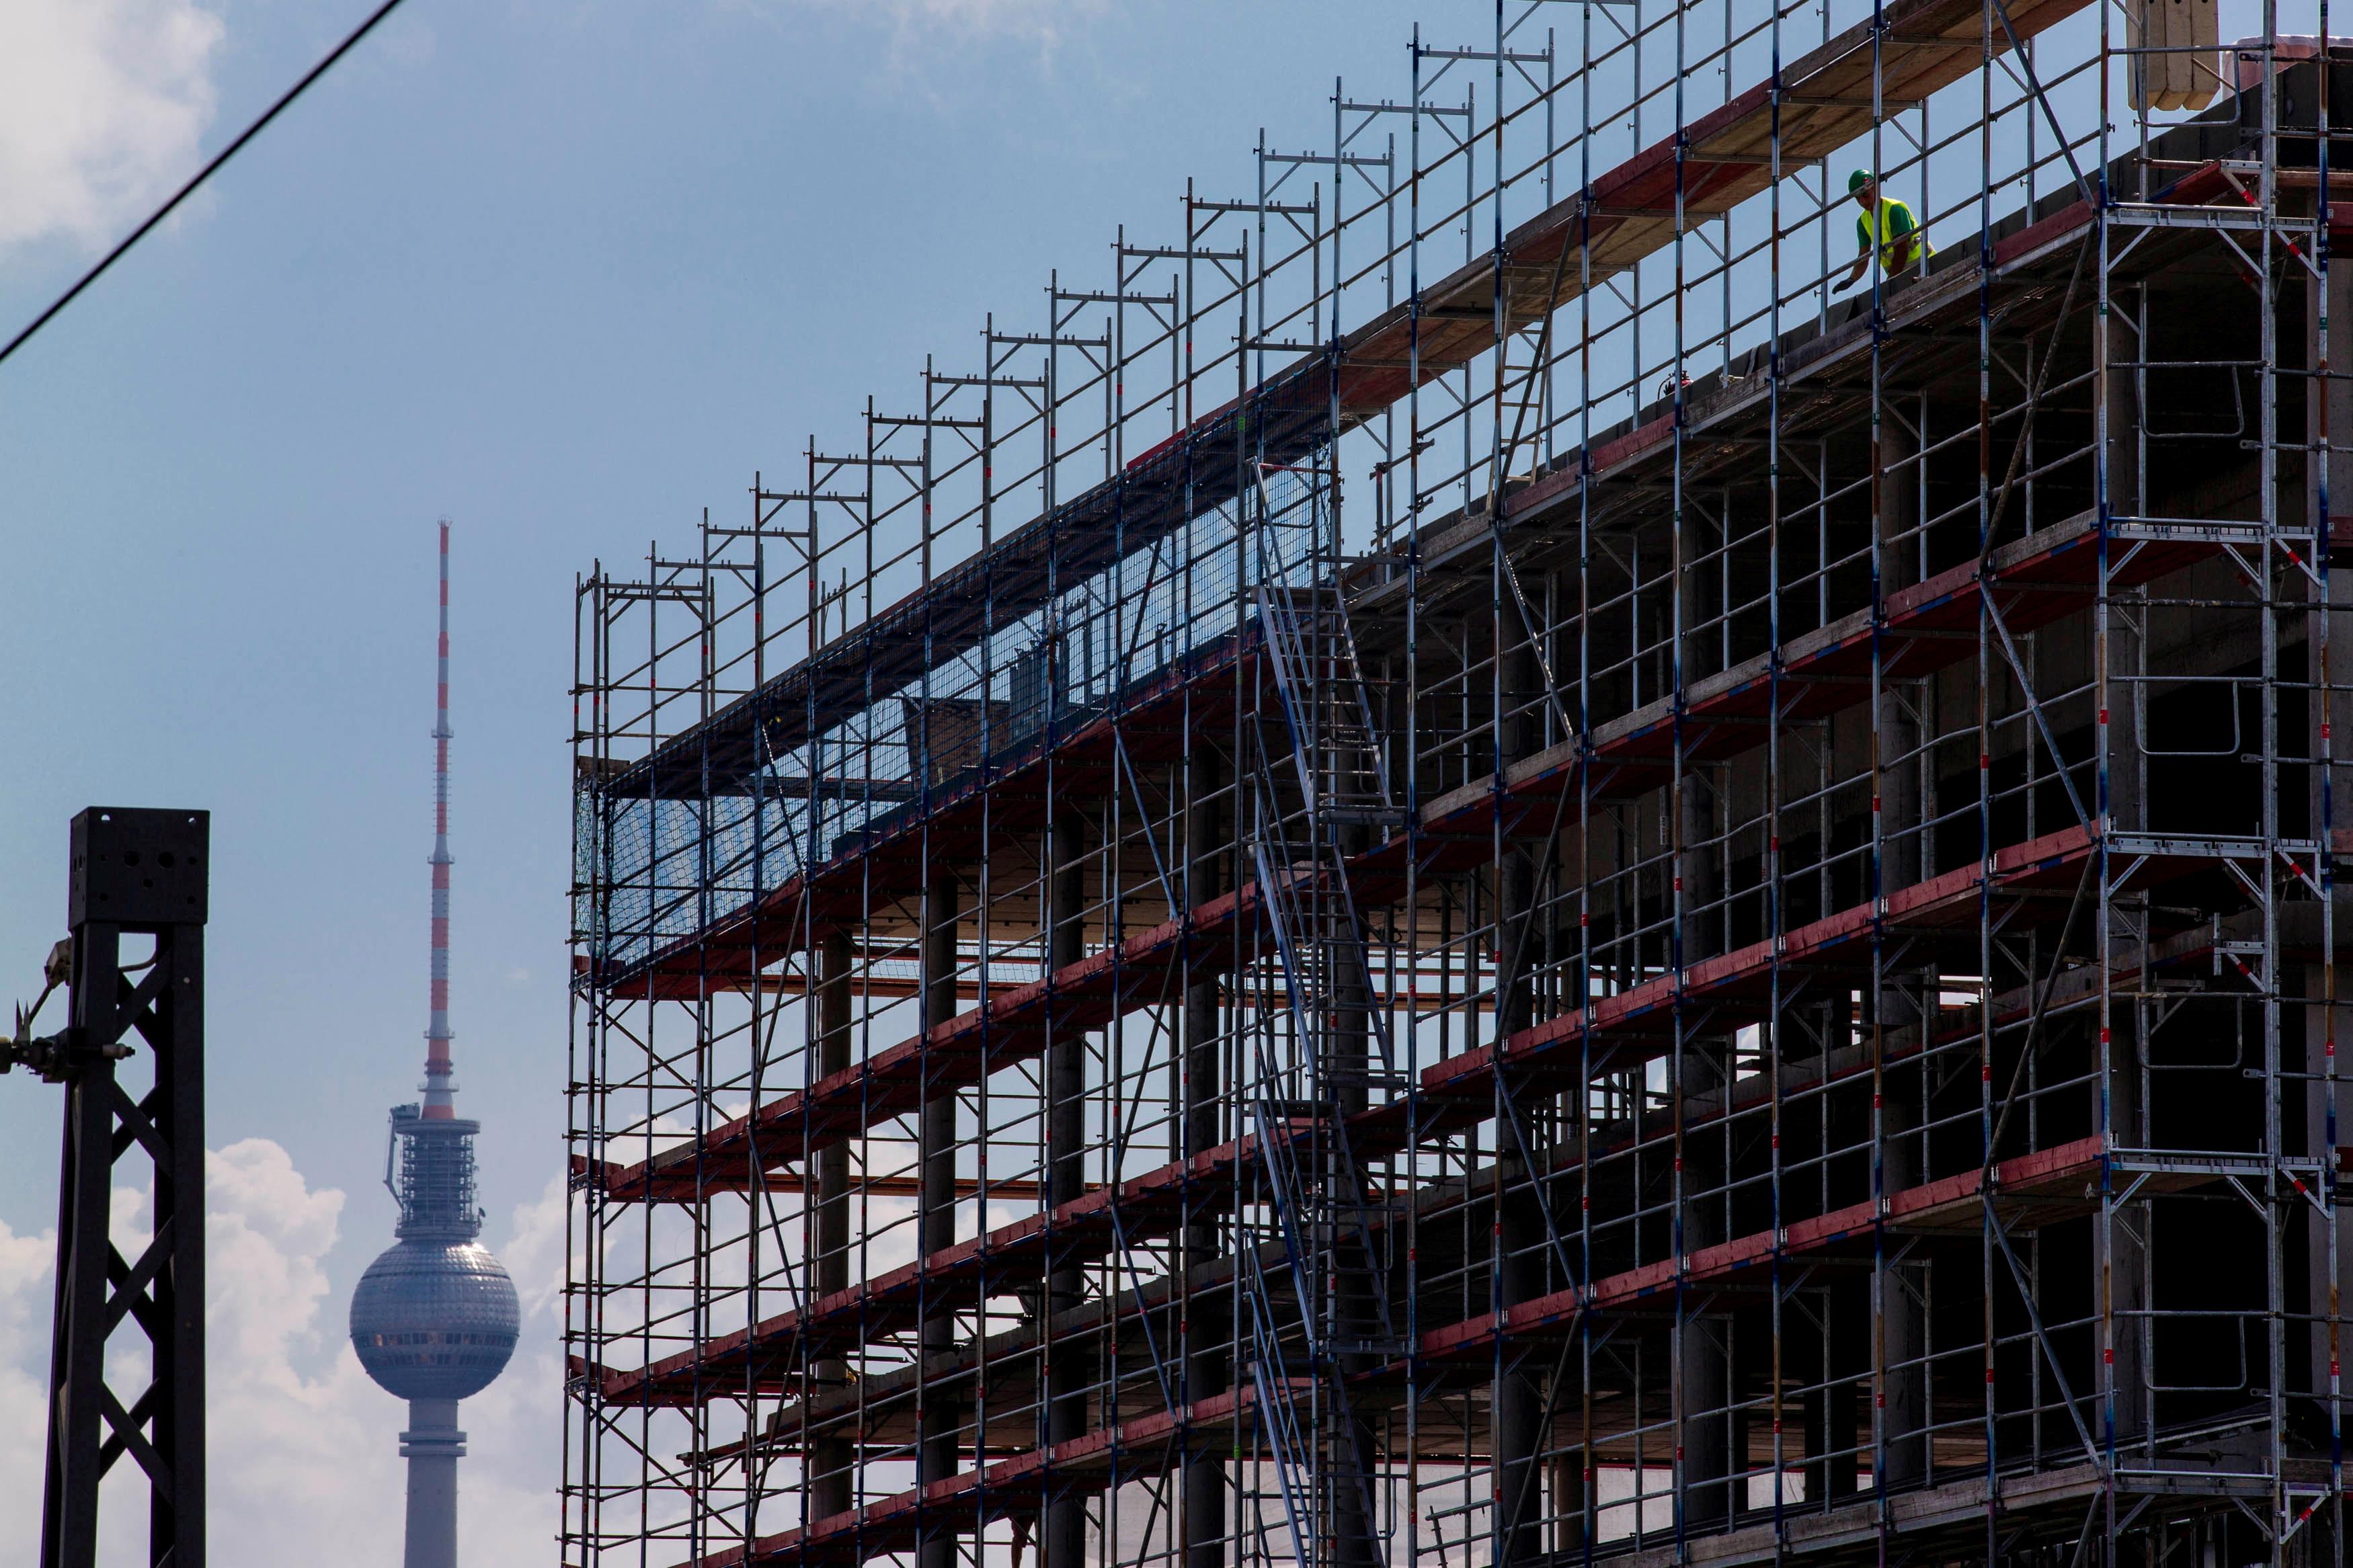 7年2014月XNUMX日,在柏林Fernsehturm电视塔附近的一个建筑工地上,在脚手架后面看到一名工人。路透社/托马斯·彼得/文件图片